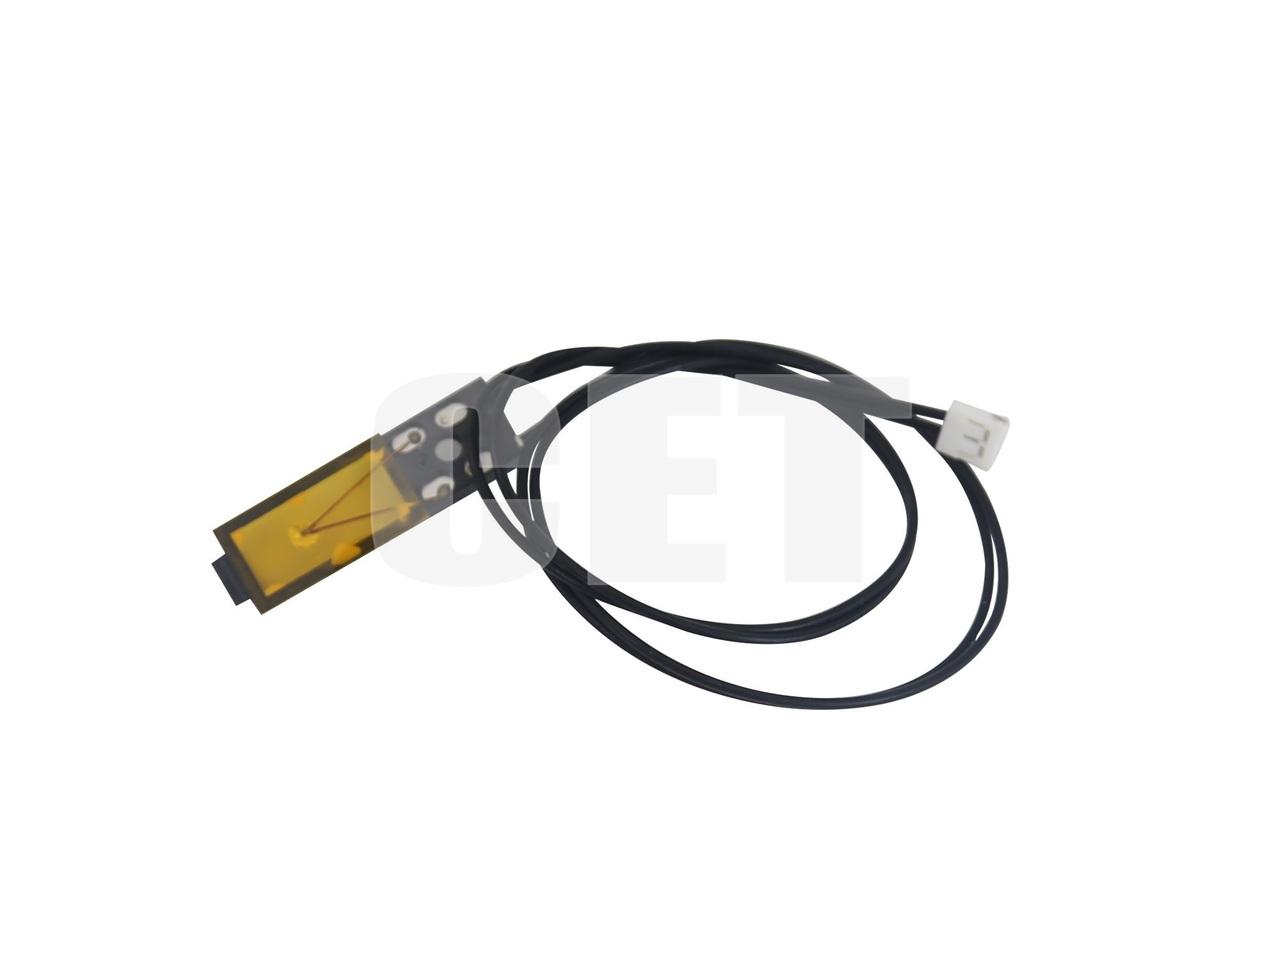 Термистор для KYOCERA ECOSYSP3045dn/3050dn/3055dn/M3040dn/3540dn (CET), CET531004